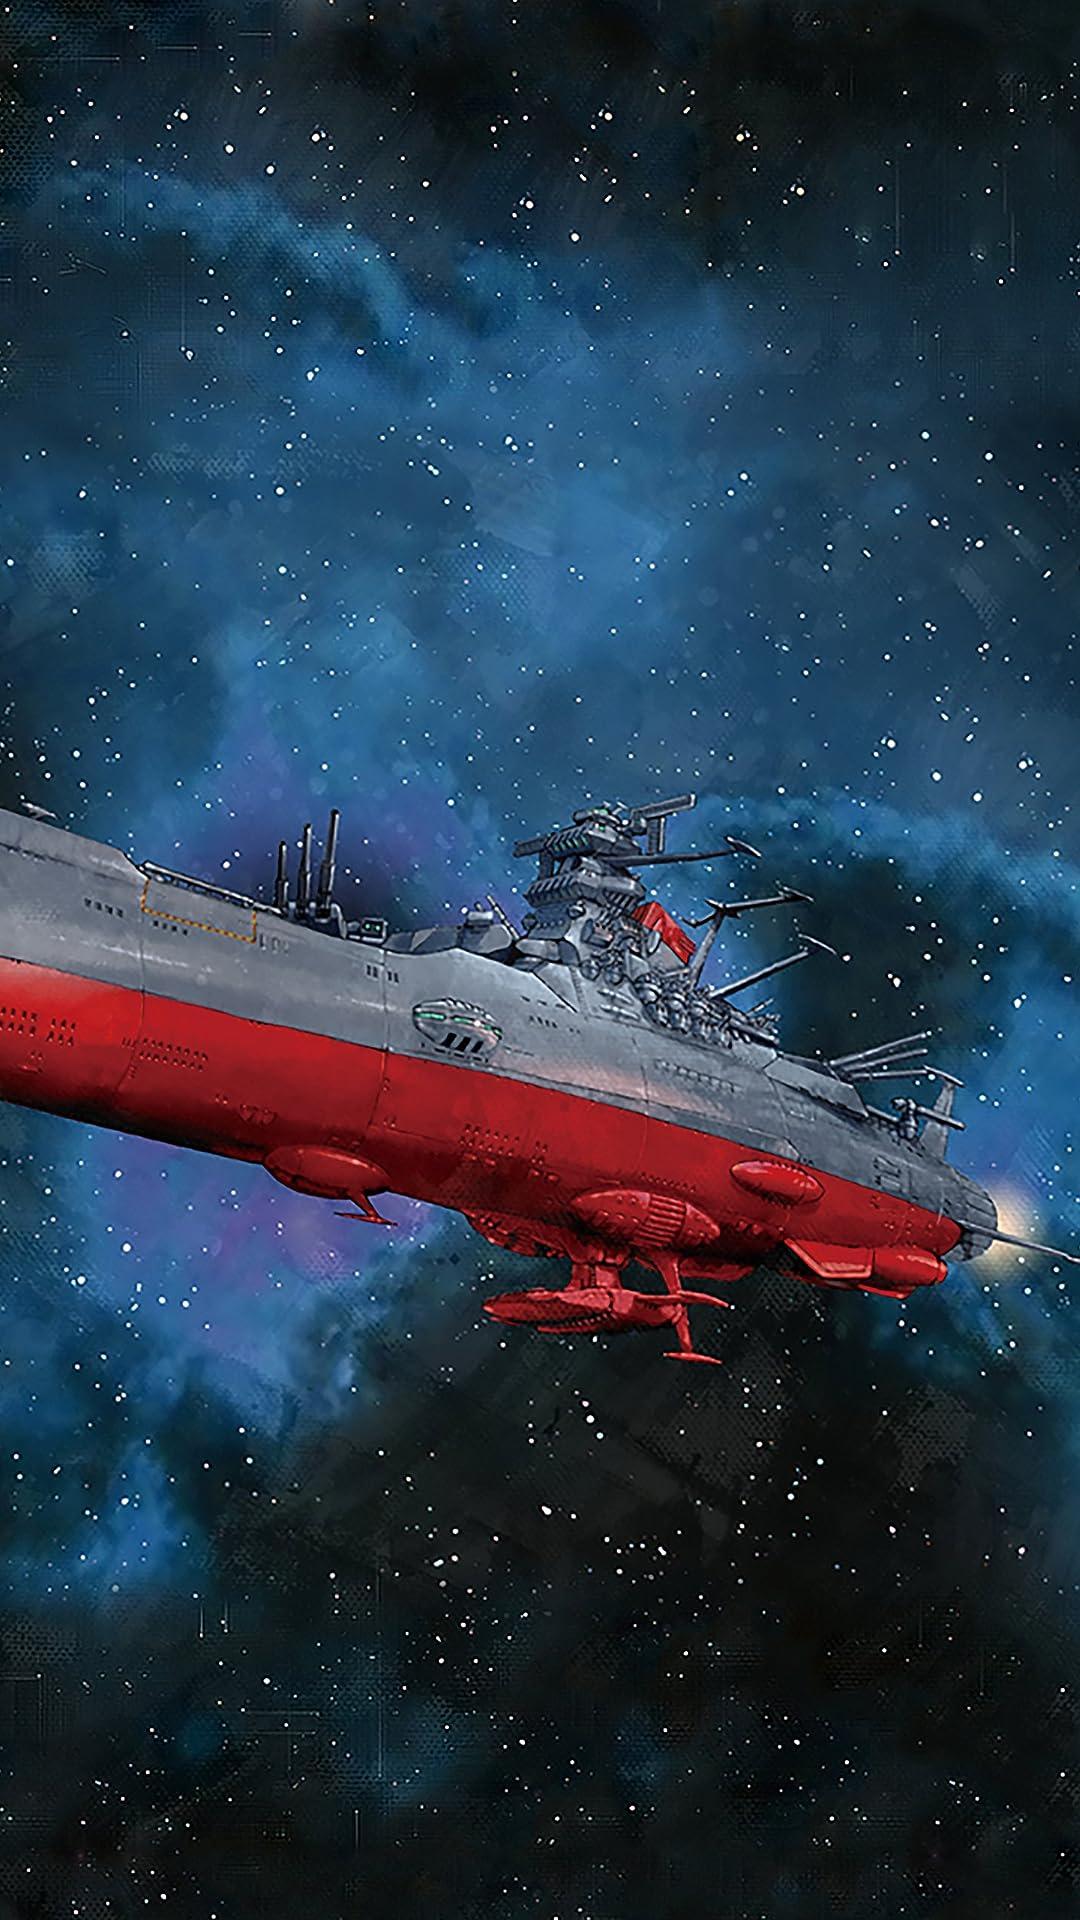 宇宙戦艦ヤマト 宇宙駆ける艦 フルhd 1080 1920 スマホ壁紙 待受 画像